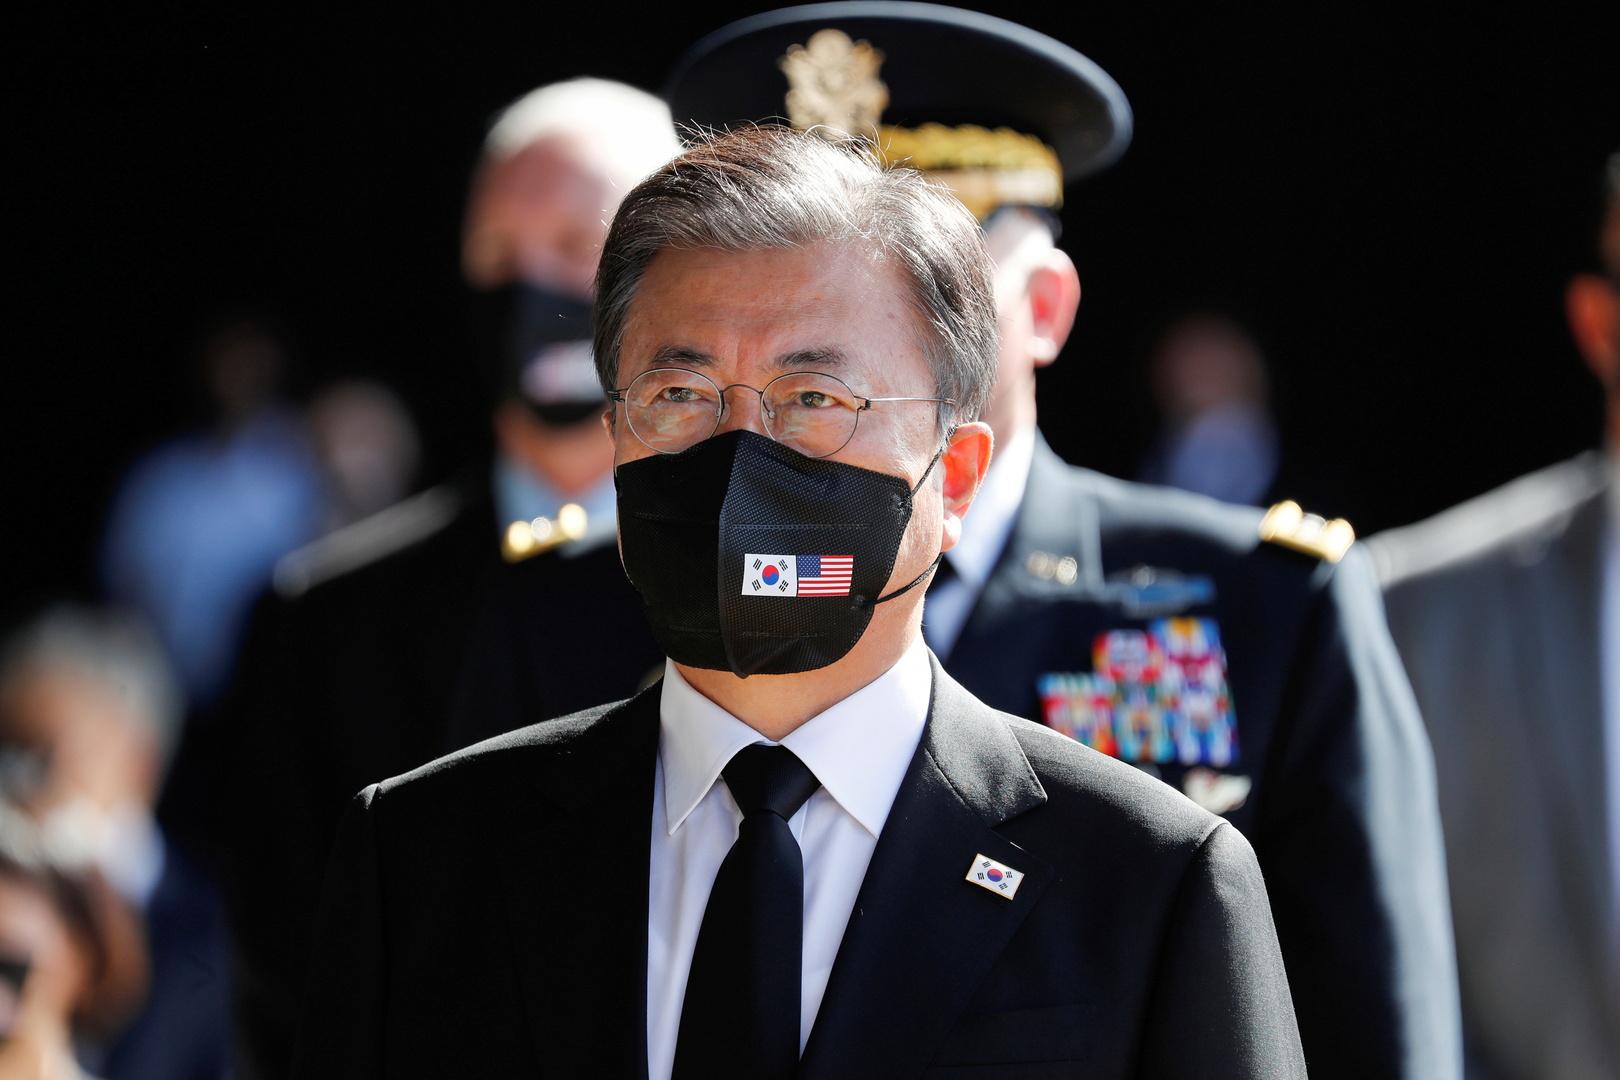 رئيس كوريا الجنوبية لرئيس حكومته: لم يحن الوقت للتفكير في حظر تناول لحوم الكلاب؟